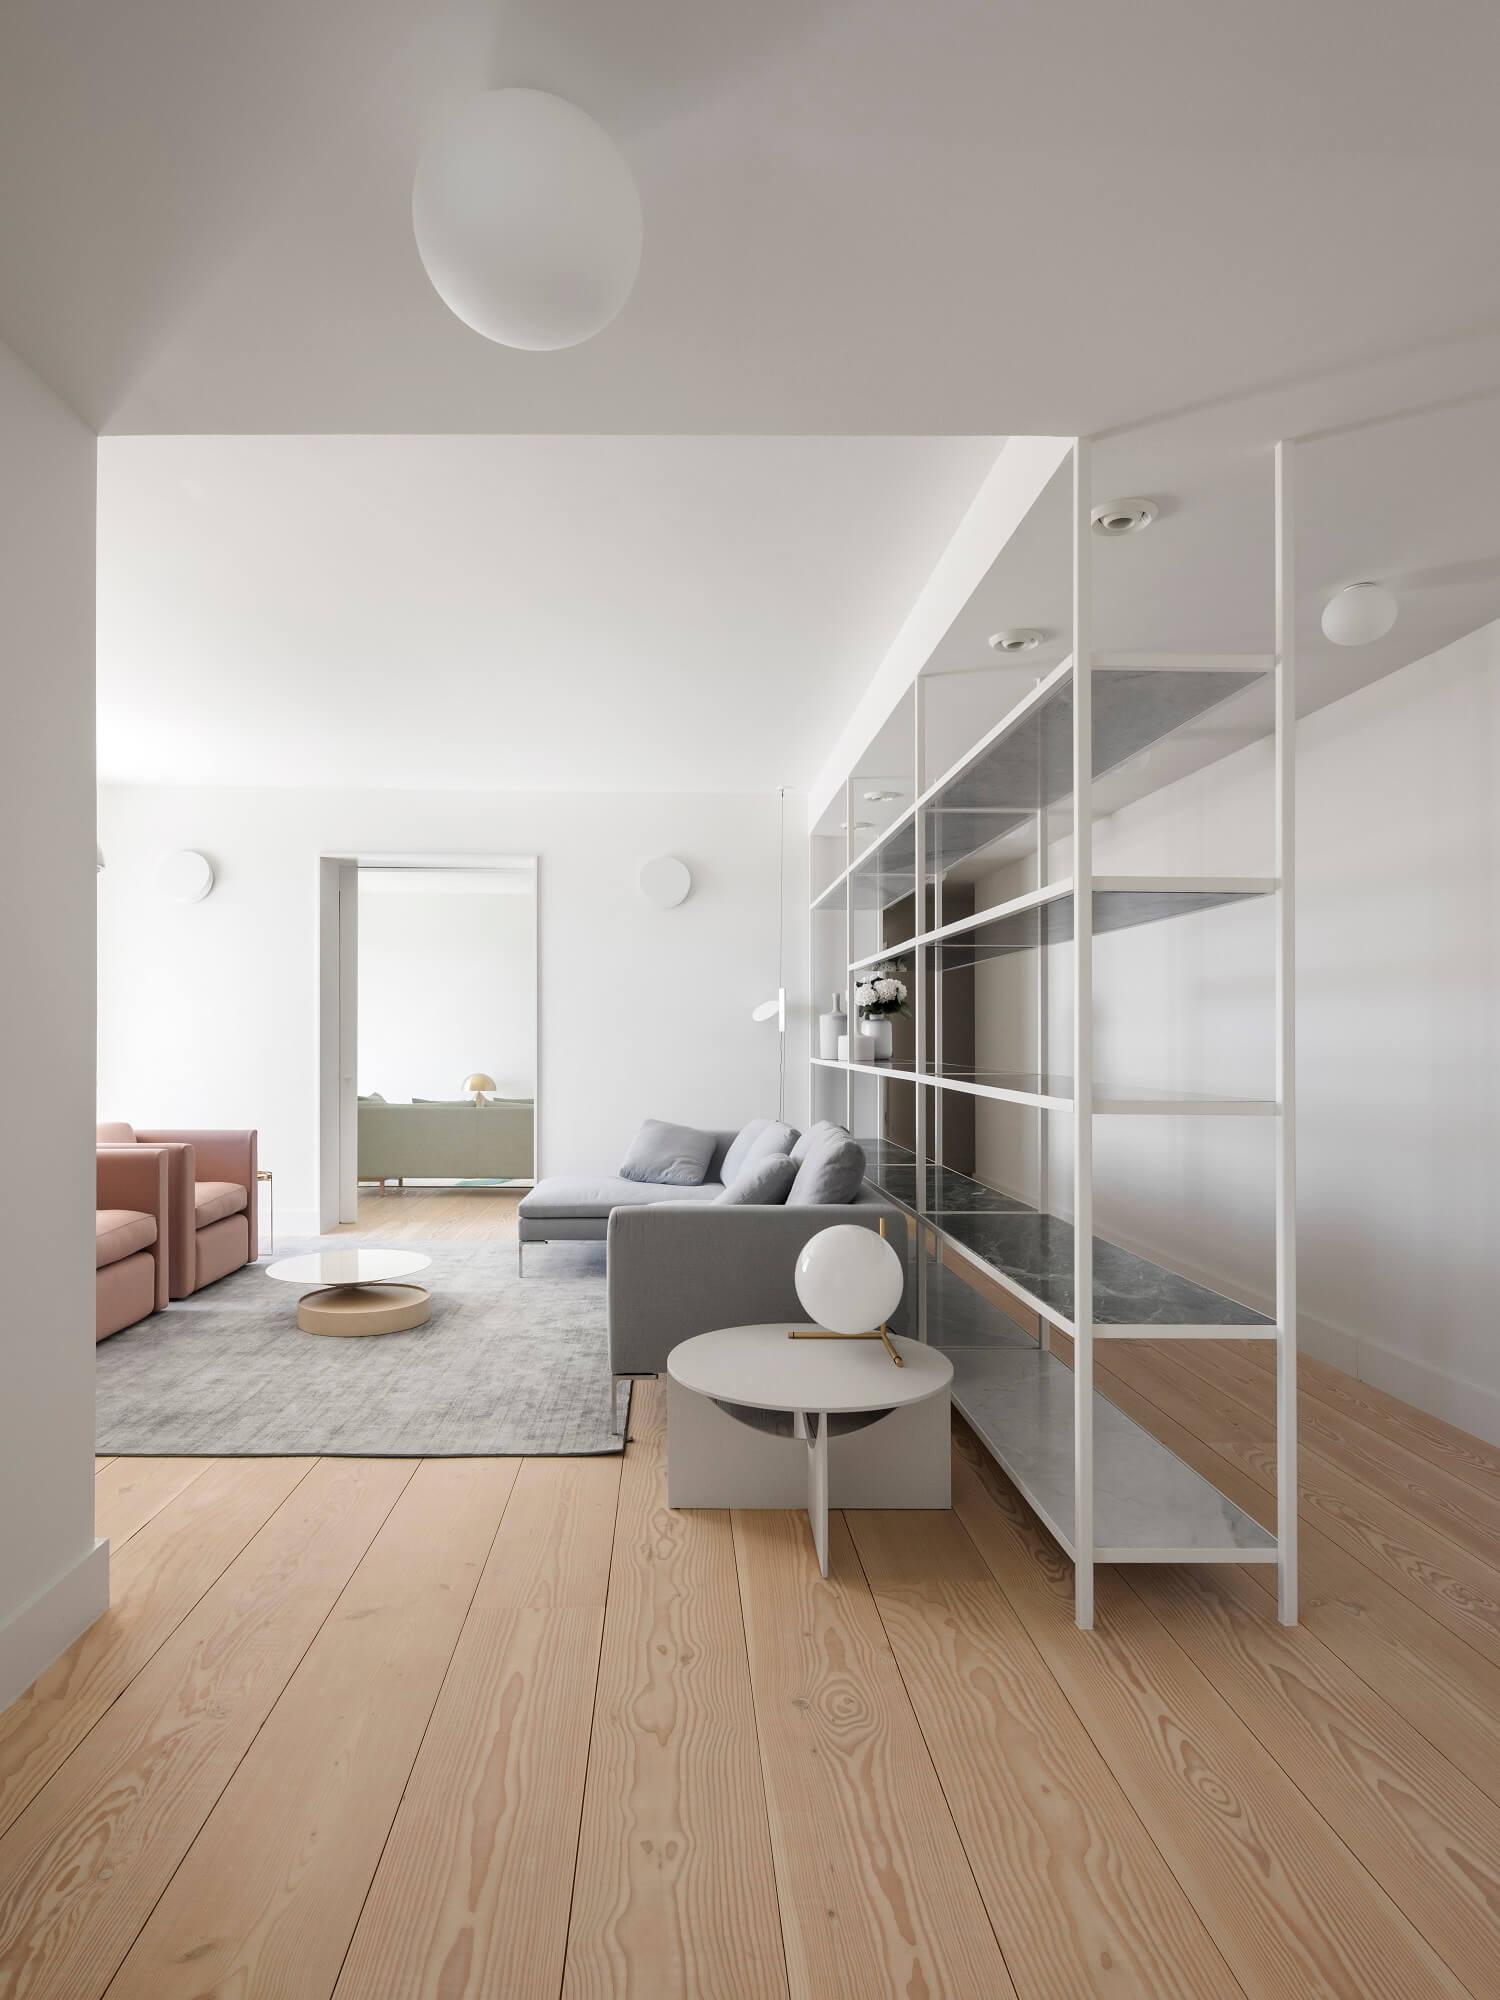 est living Apartment AMC rar studio 8